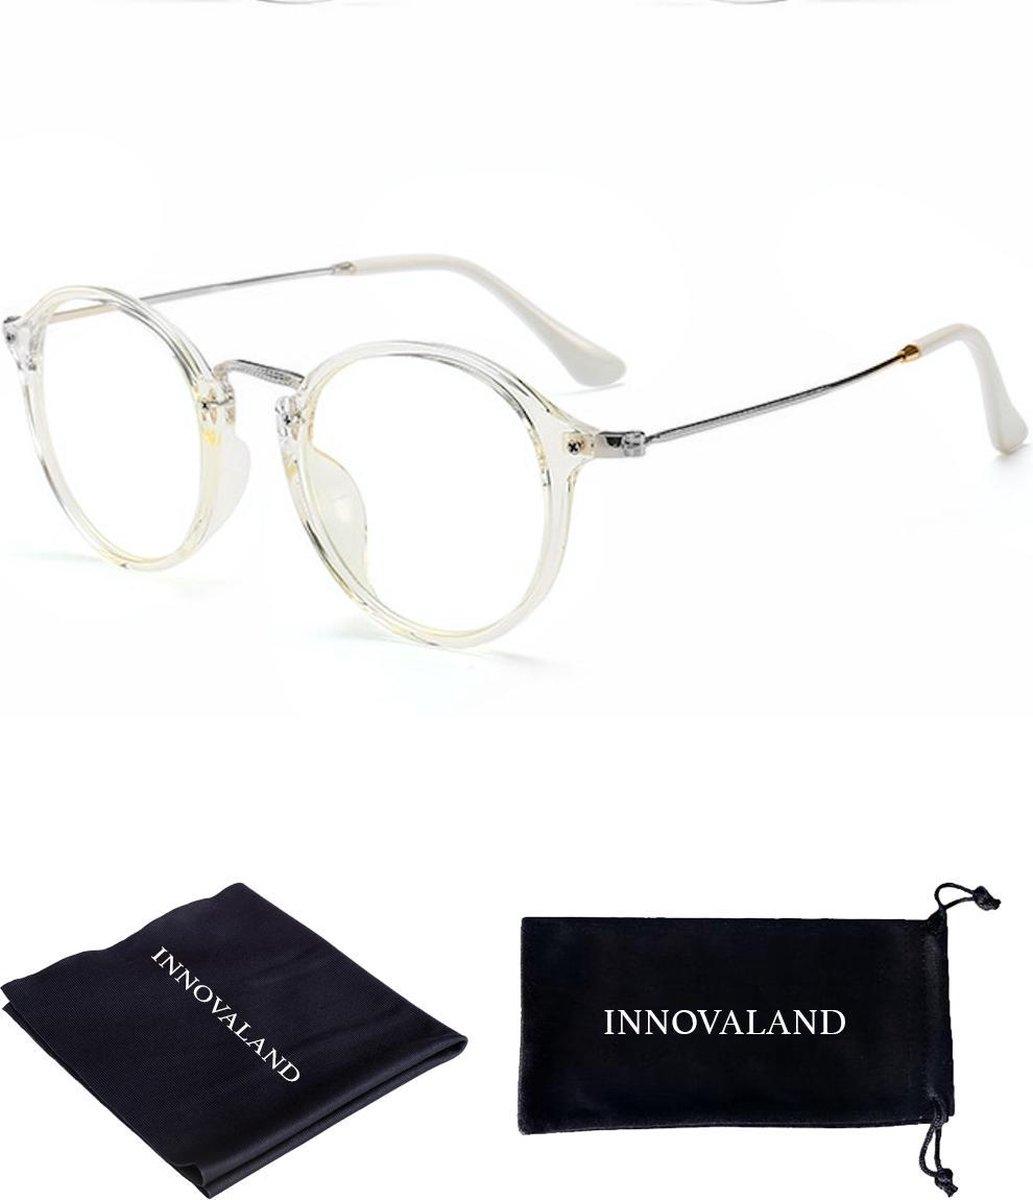 Innovaland Computerbril Premium - Blauw Licht bril - Beeldschermbril - Blue Light Glasses - Blauw Li